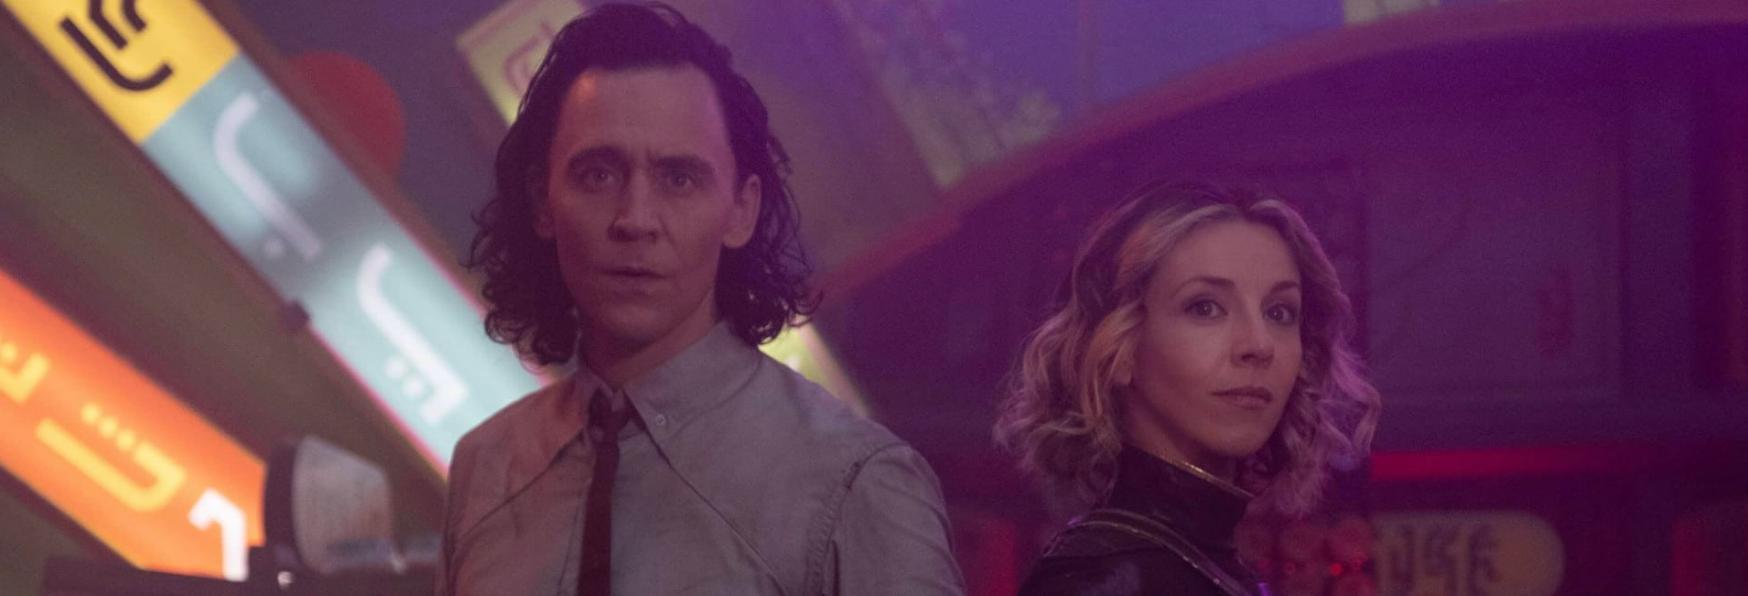 Loki 2: alcune Anticipazioni sul Futuro della Relazione tra Loki e Sylvie